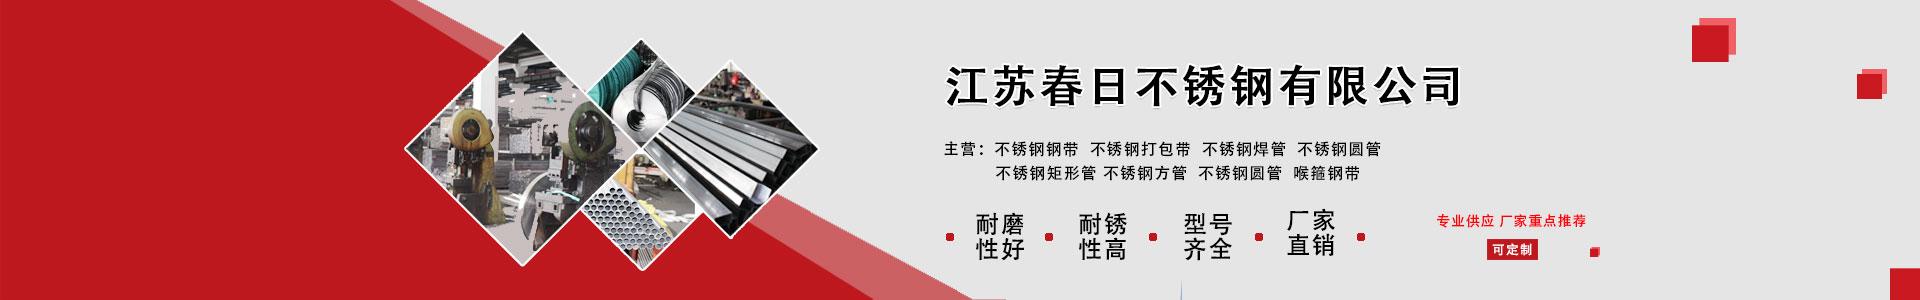 江苏橙子vr视频app下载久久久视频2019午夜视频有限公司